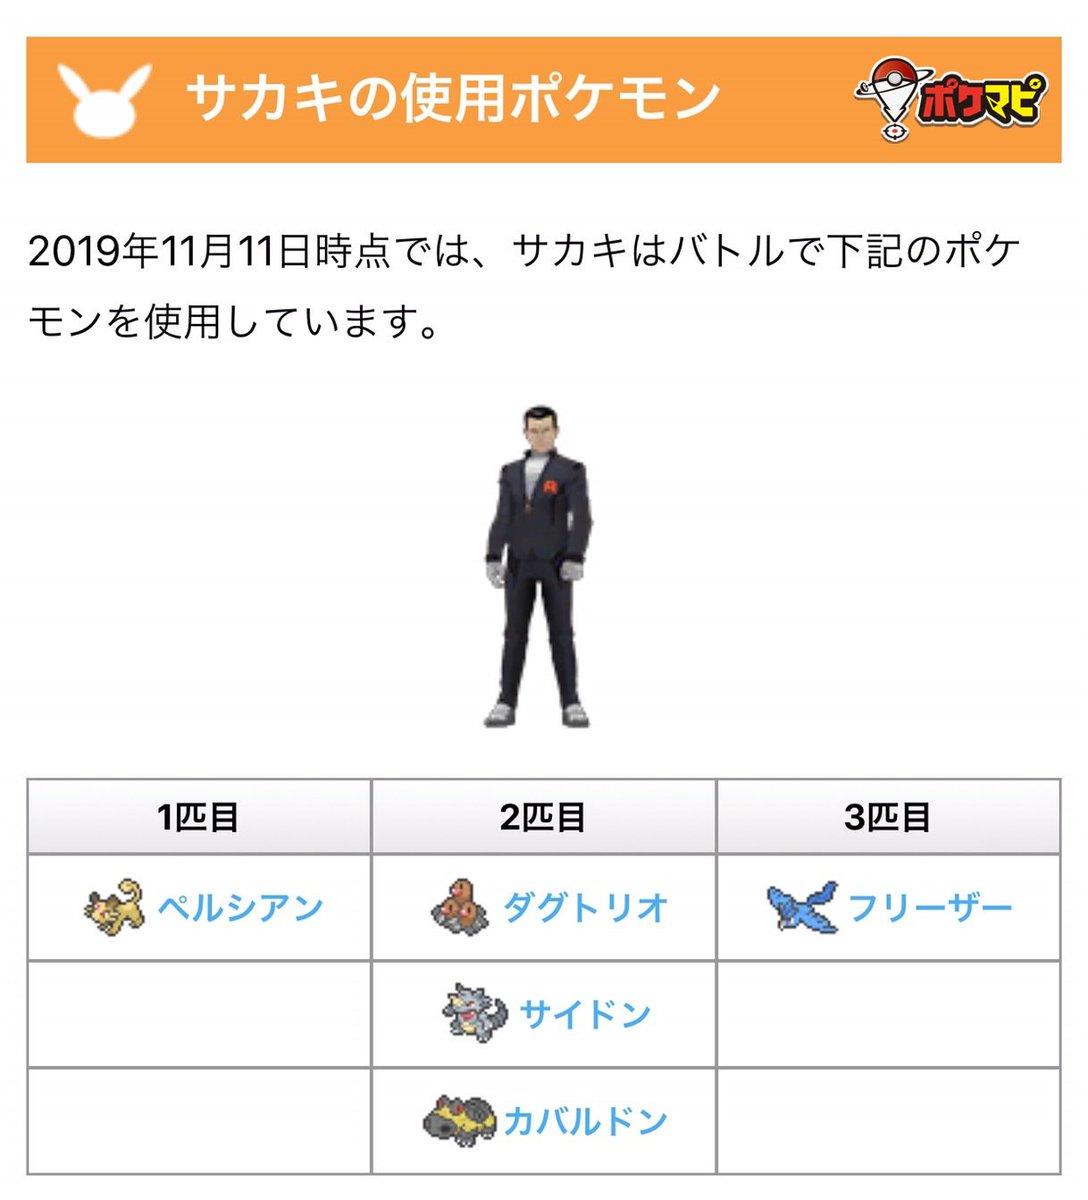 ポケモン go ロケット 団 対策 サカキ